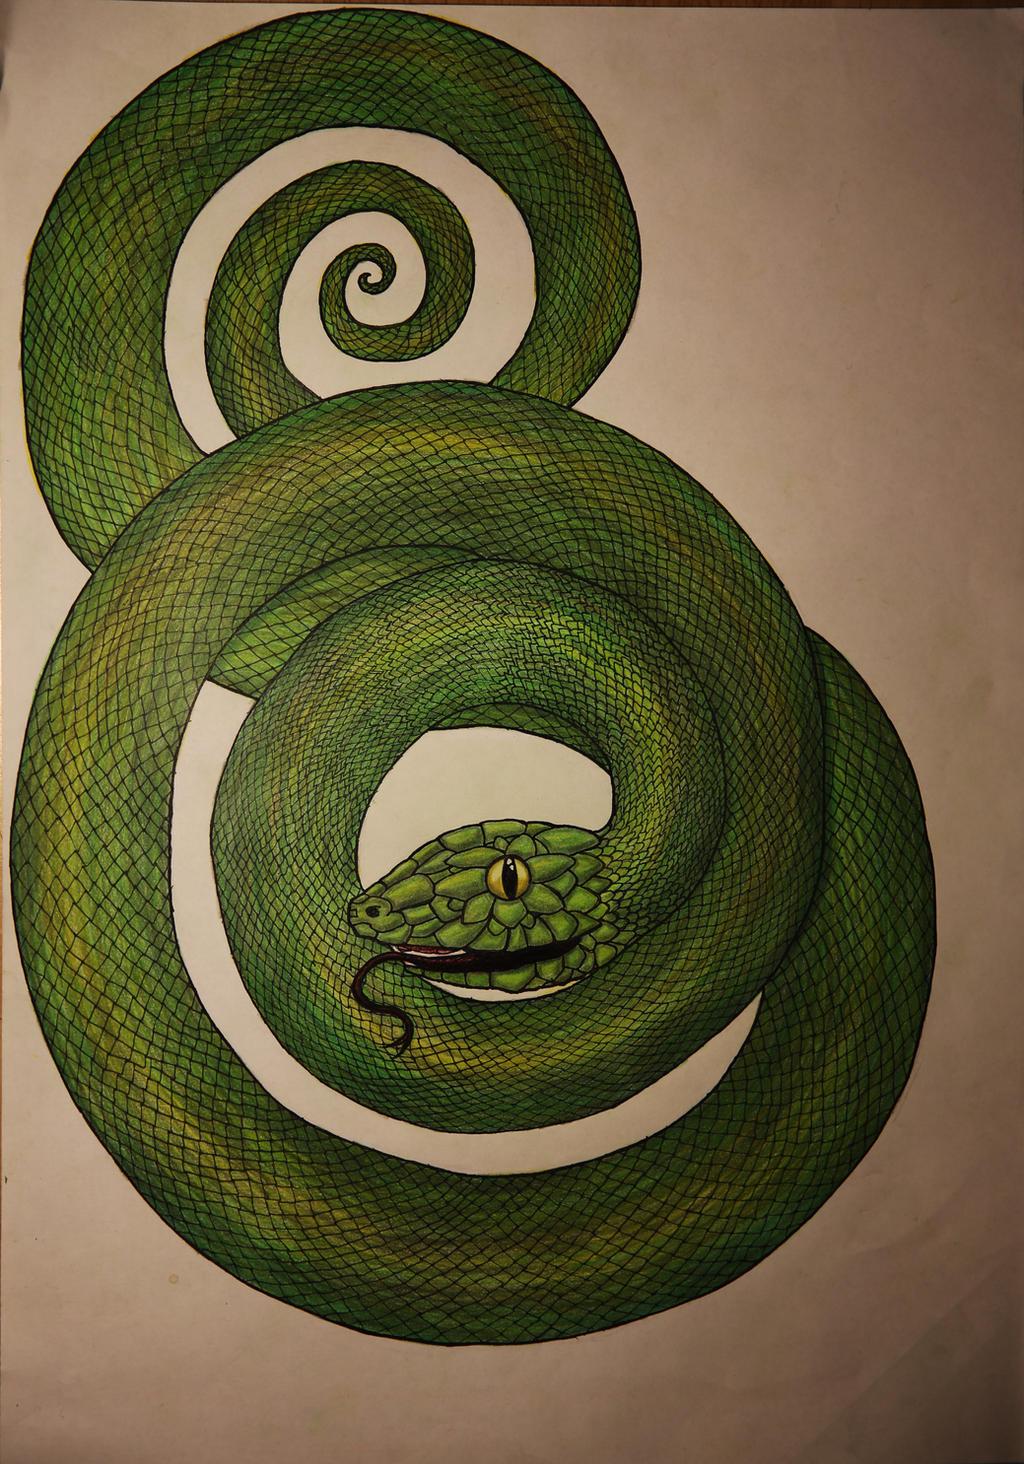 Snake by MetalFaie